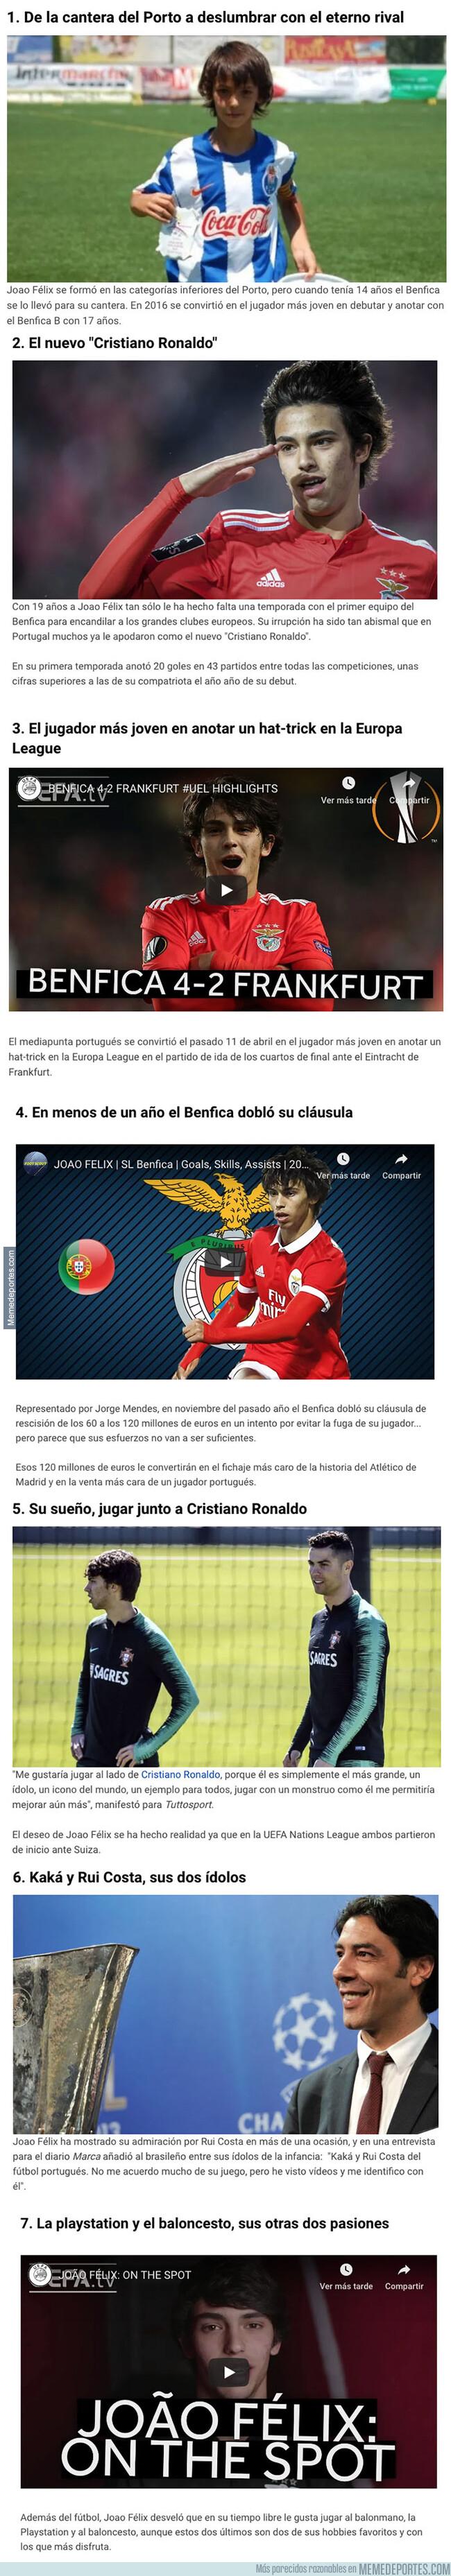 1078525 - 7 cosas que no sabías de Joao Felix, el nuevo flamante fichaje del Atlético de Madrid